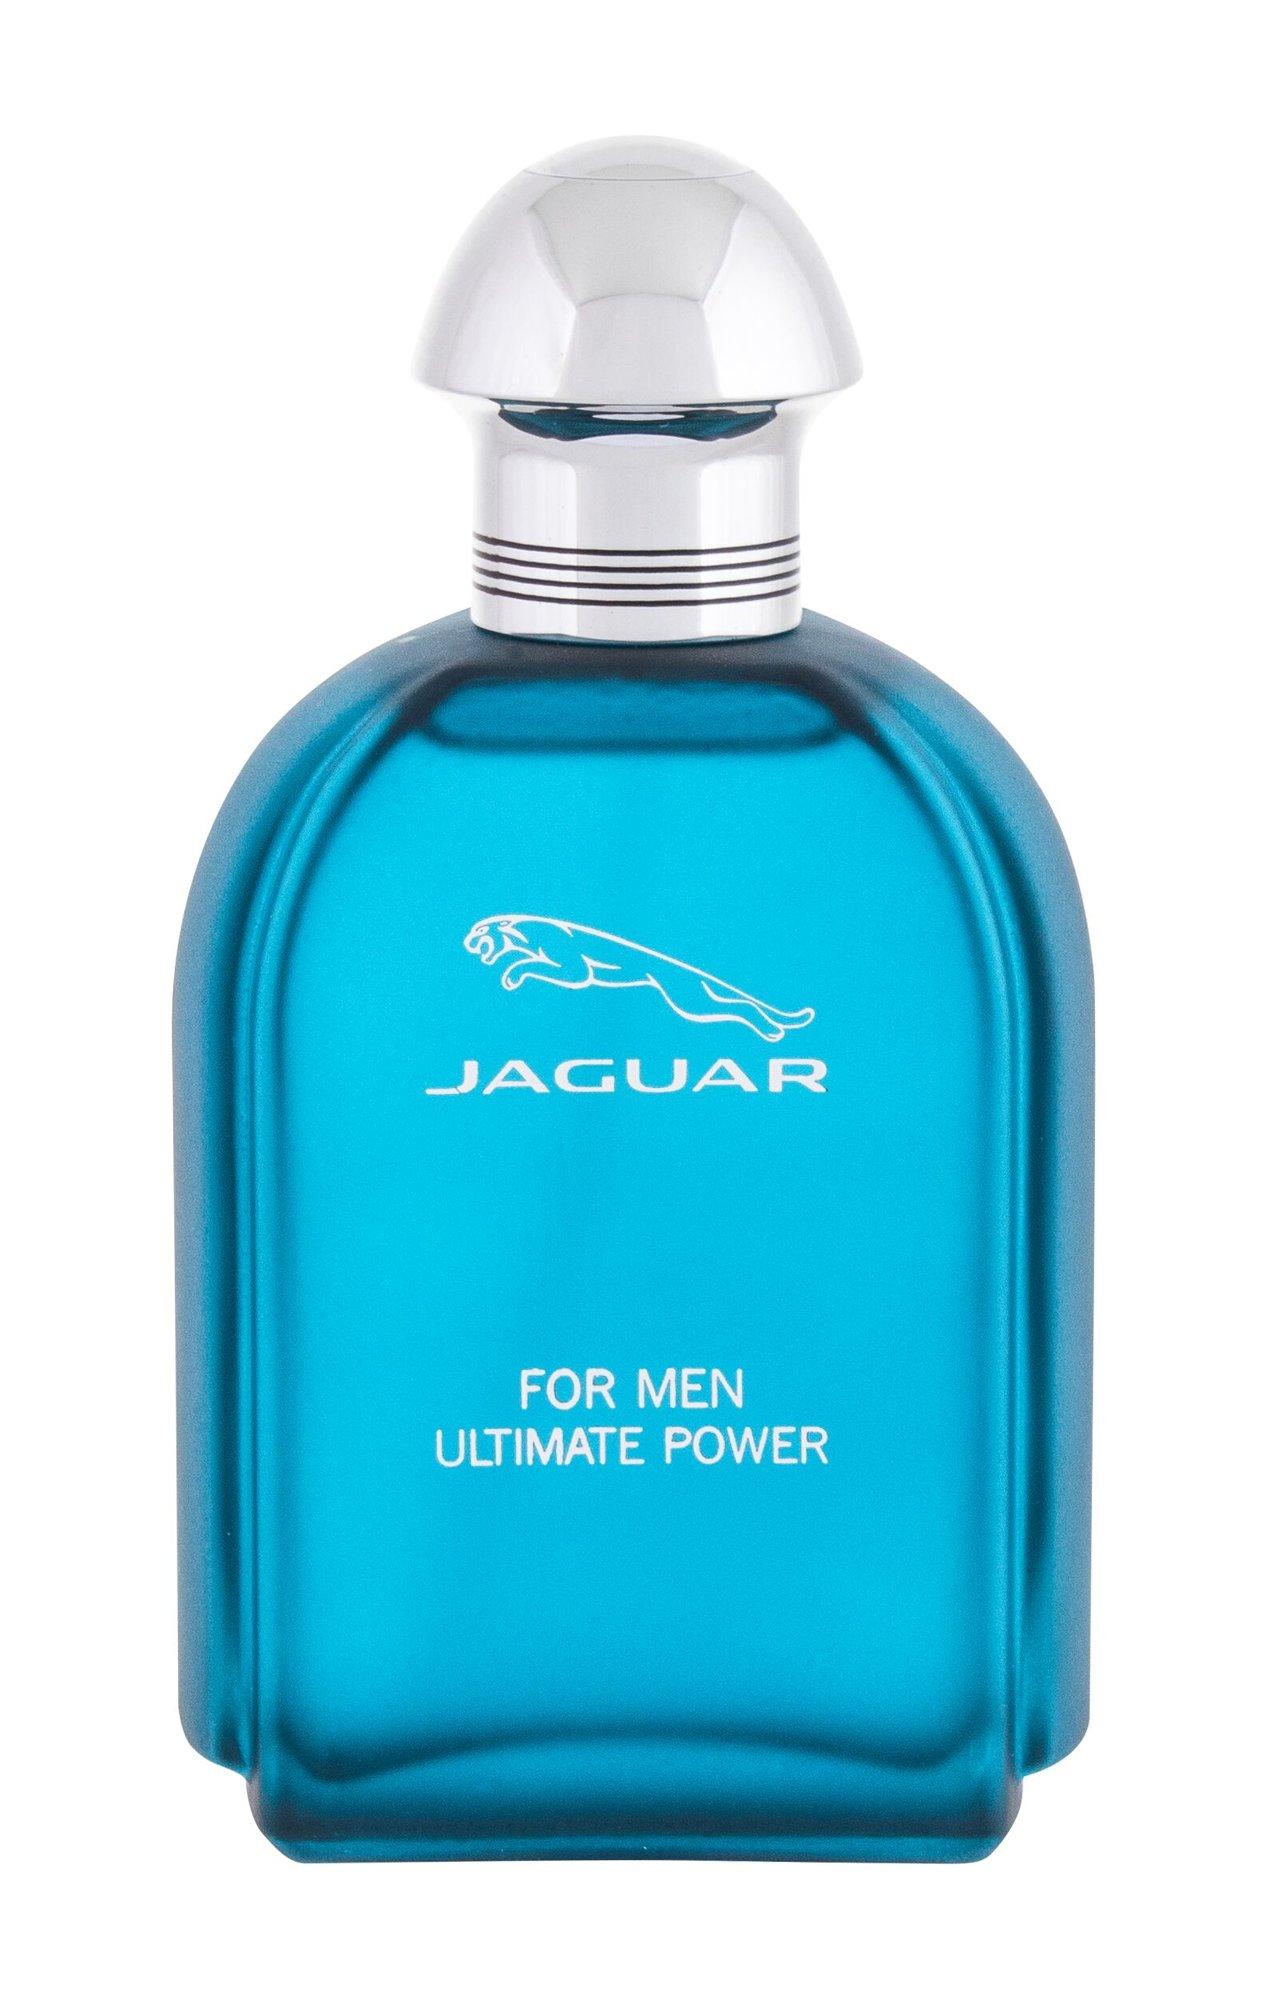 Jaguar For Men Ultimate Power (M)